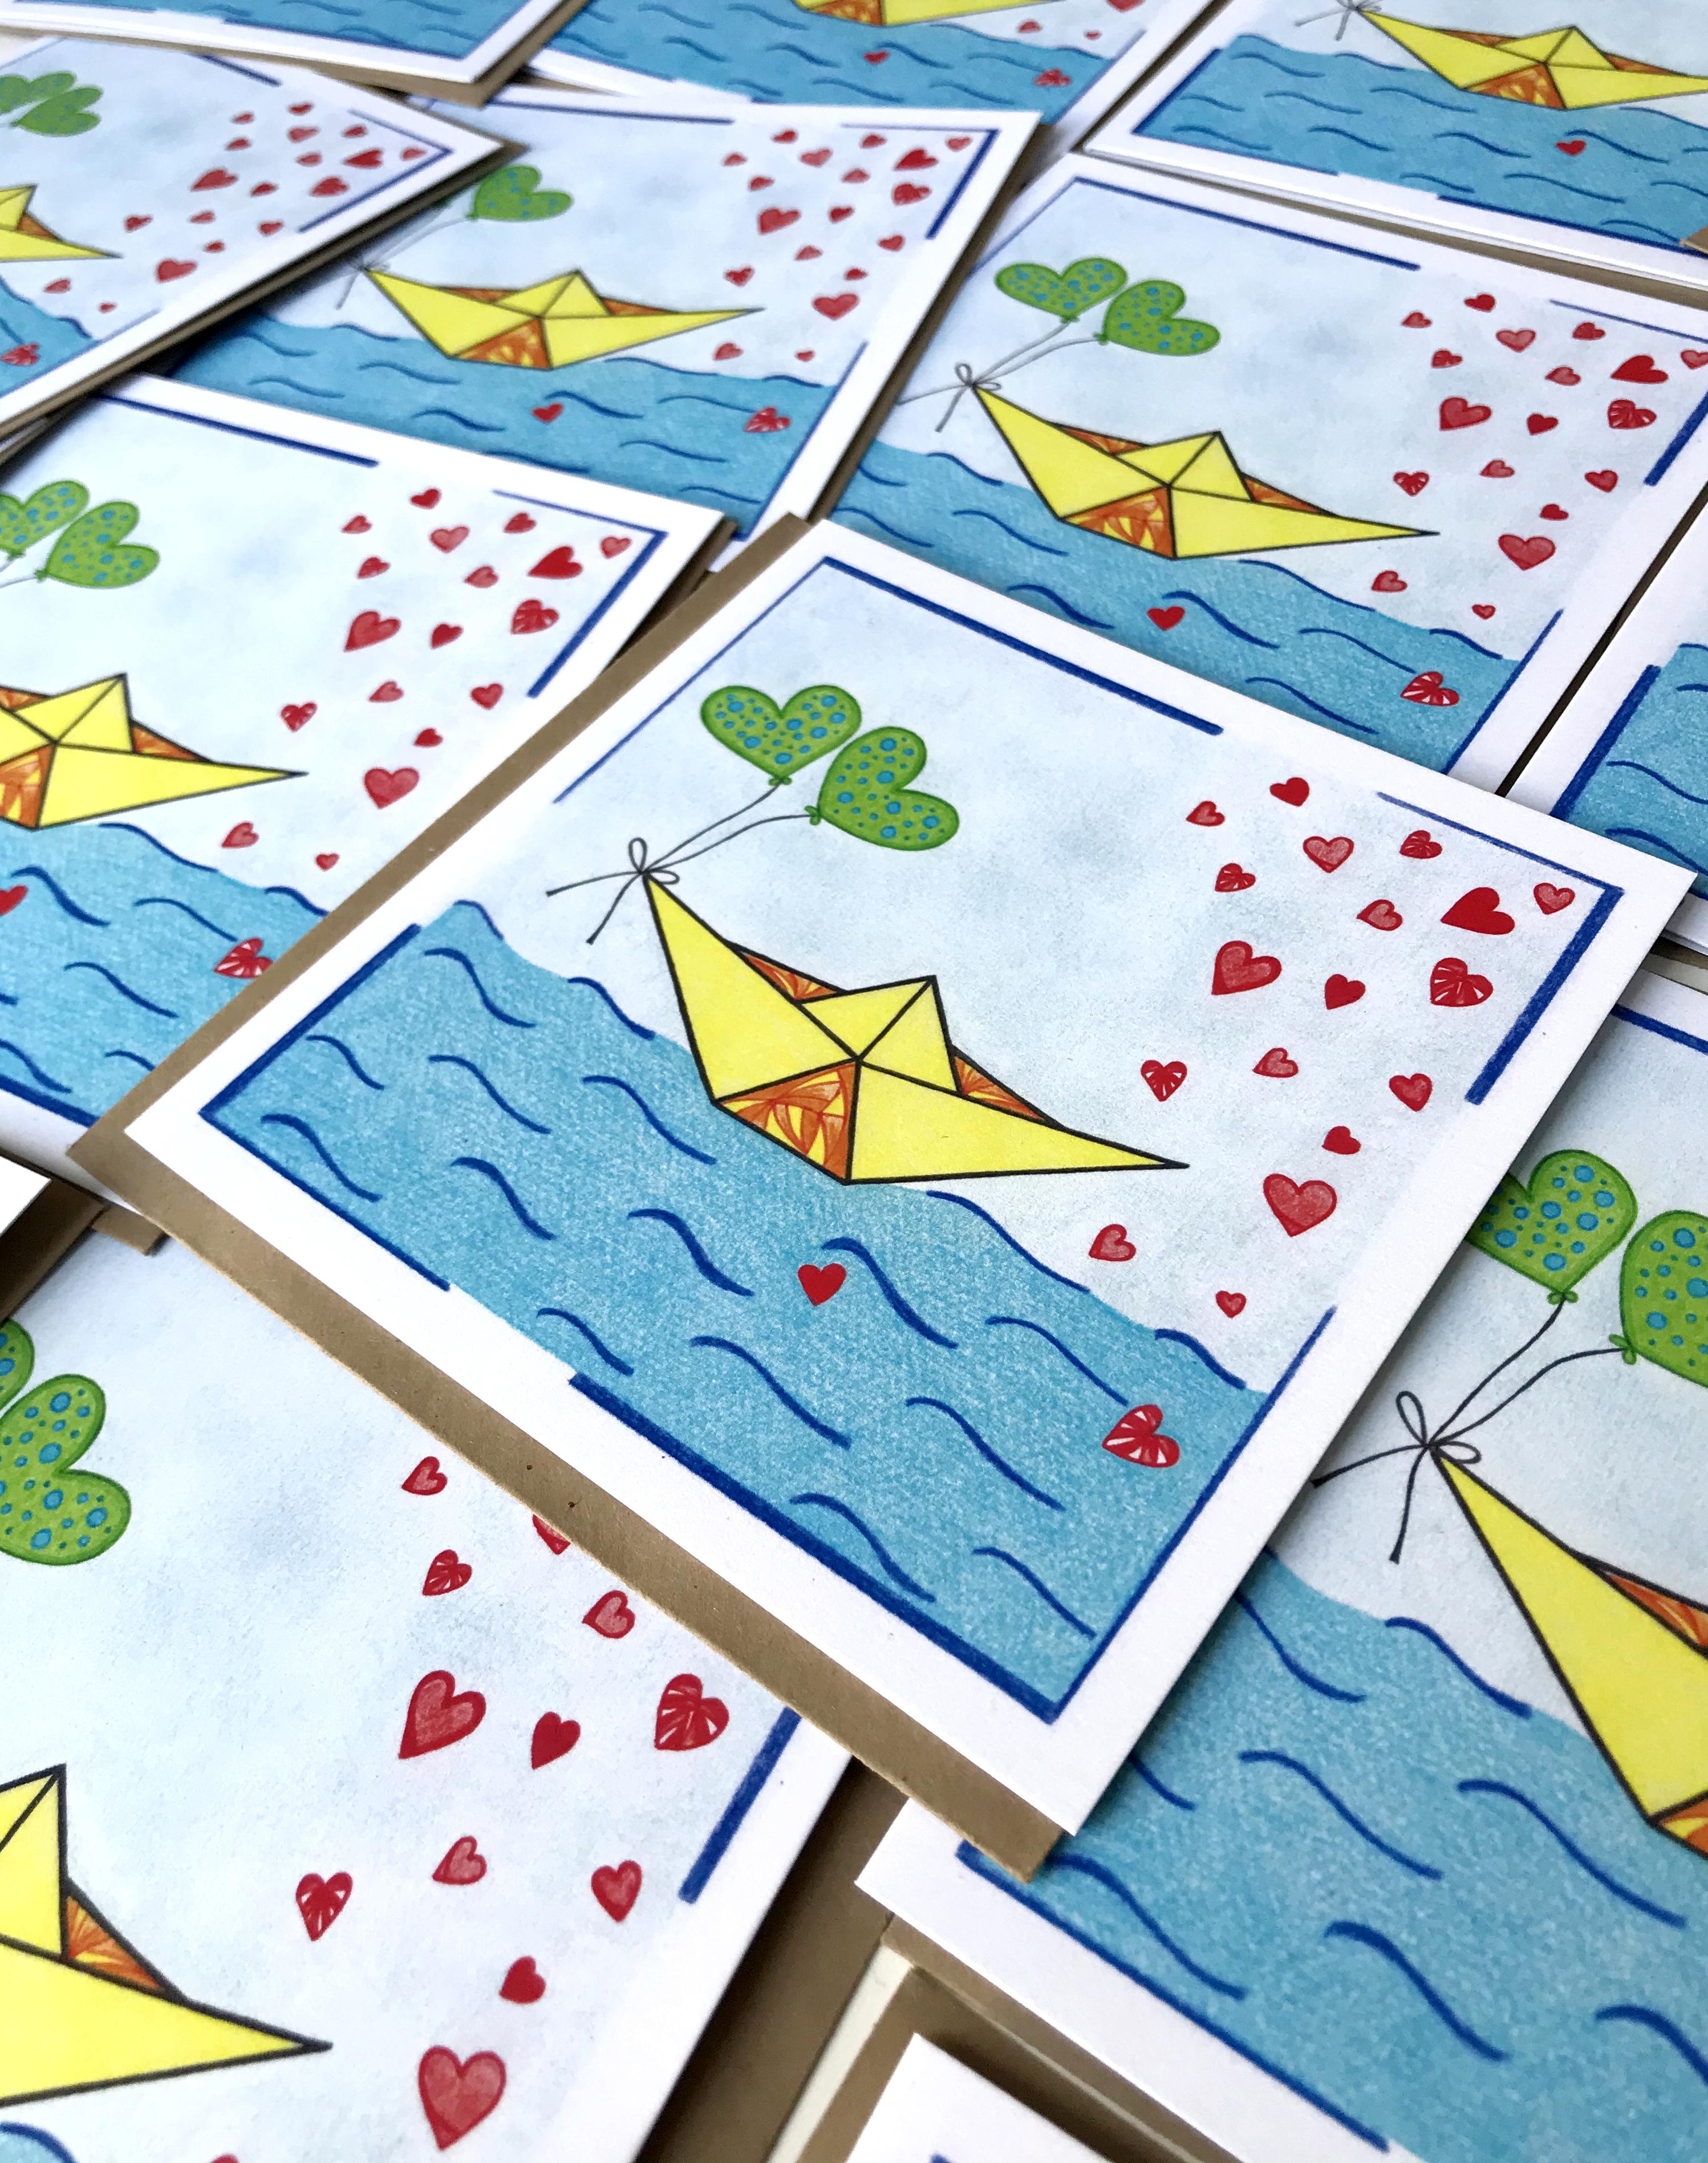 trouwkaart custom made, Boots illustraties, gerecycled papier trouwkaart